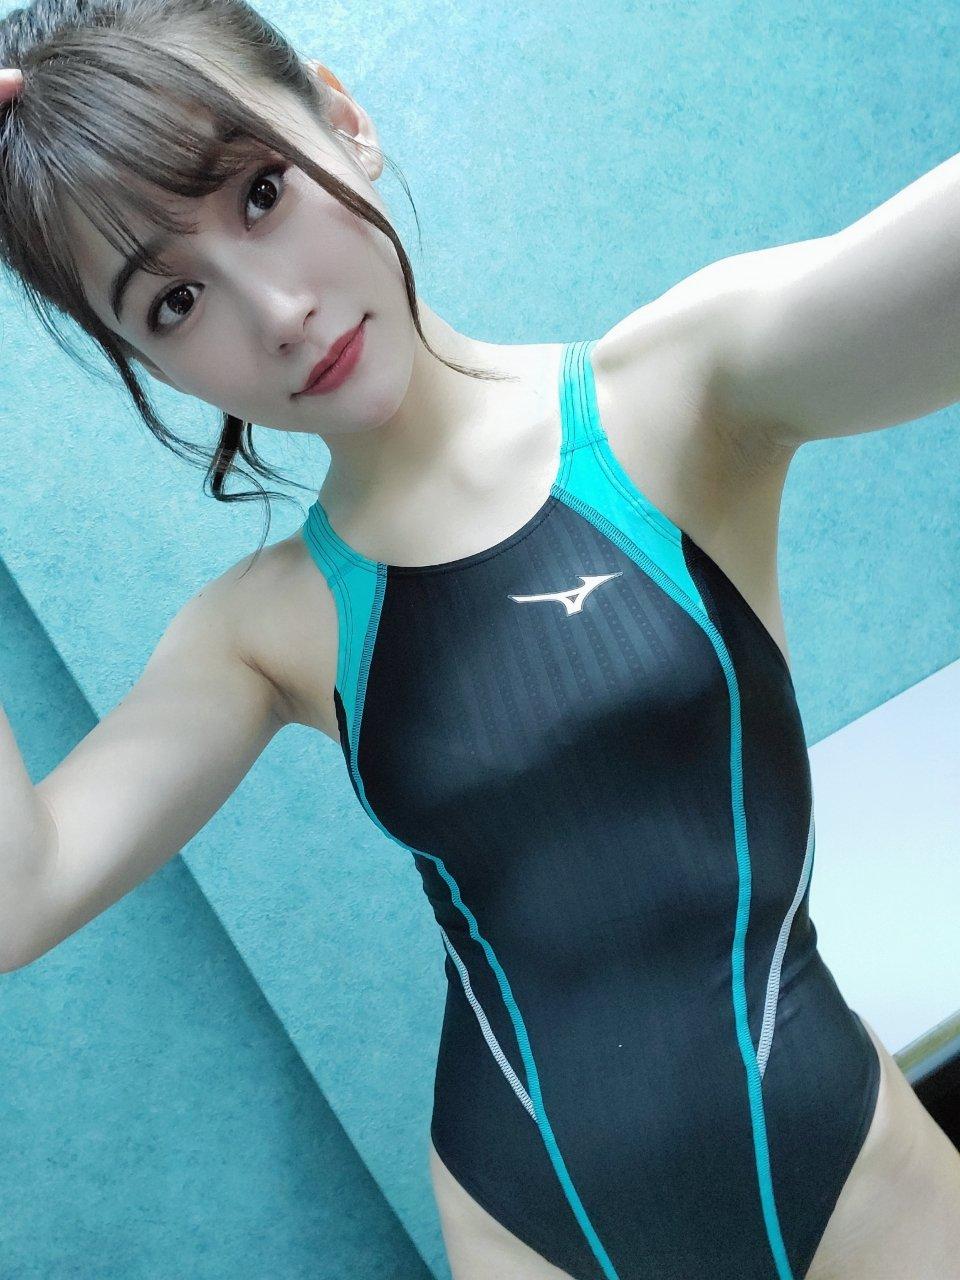 元HKT48江藤彩也香「えっちな競泳水着に興奮!」撮影会の成功をファンに感謝【画像2枚】の画像001